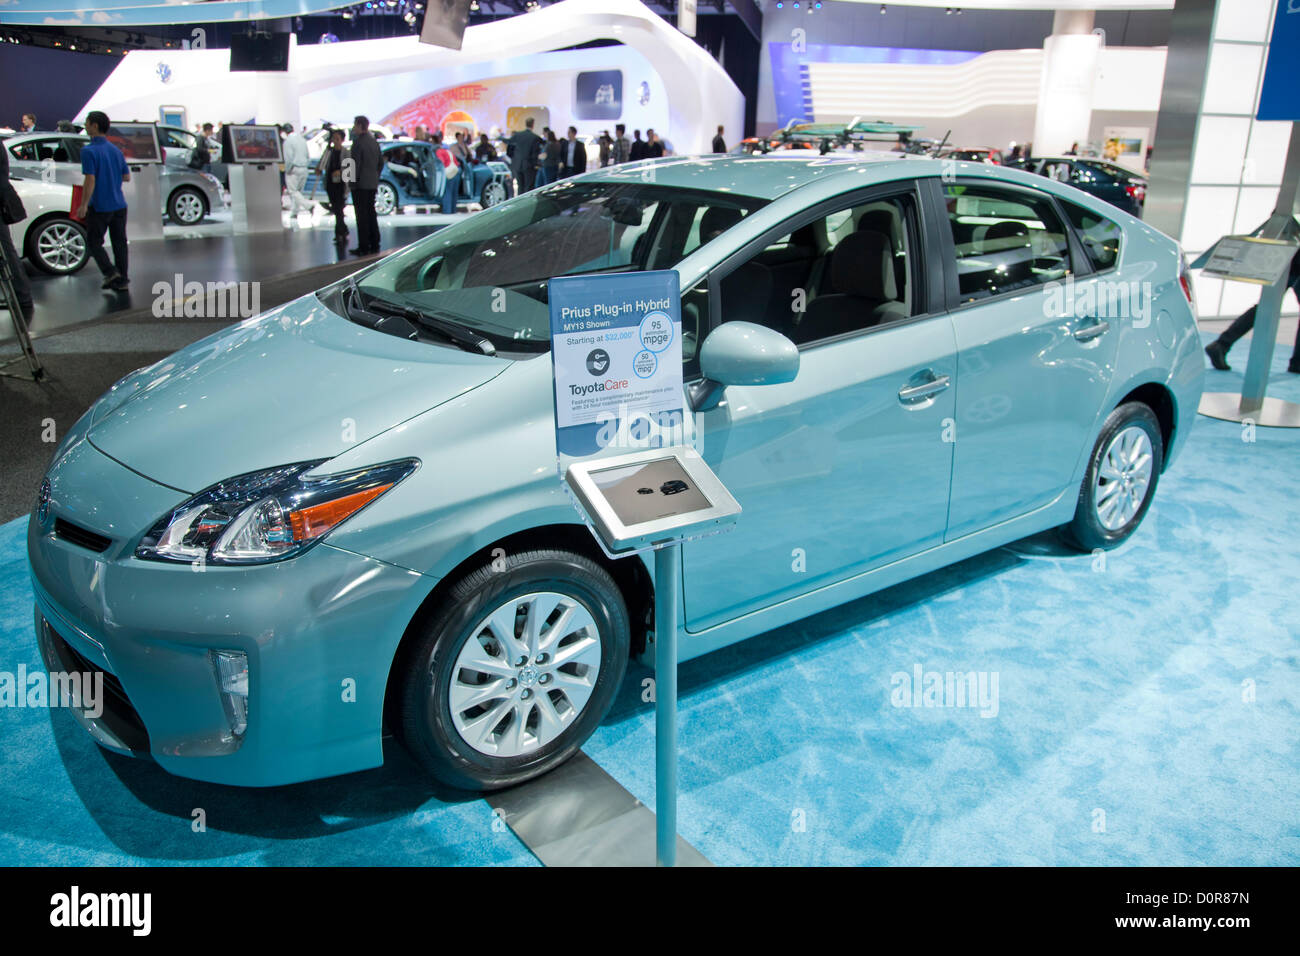 2013 Toyota Prius ibrida. Nuovo 2013 elettrici e ibridi auto Verde sono disponibili presso il Los Angeles Auto Show Immagini Stock